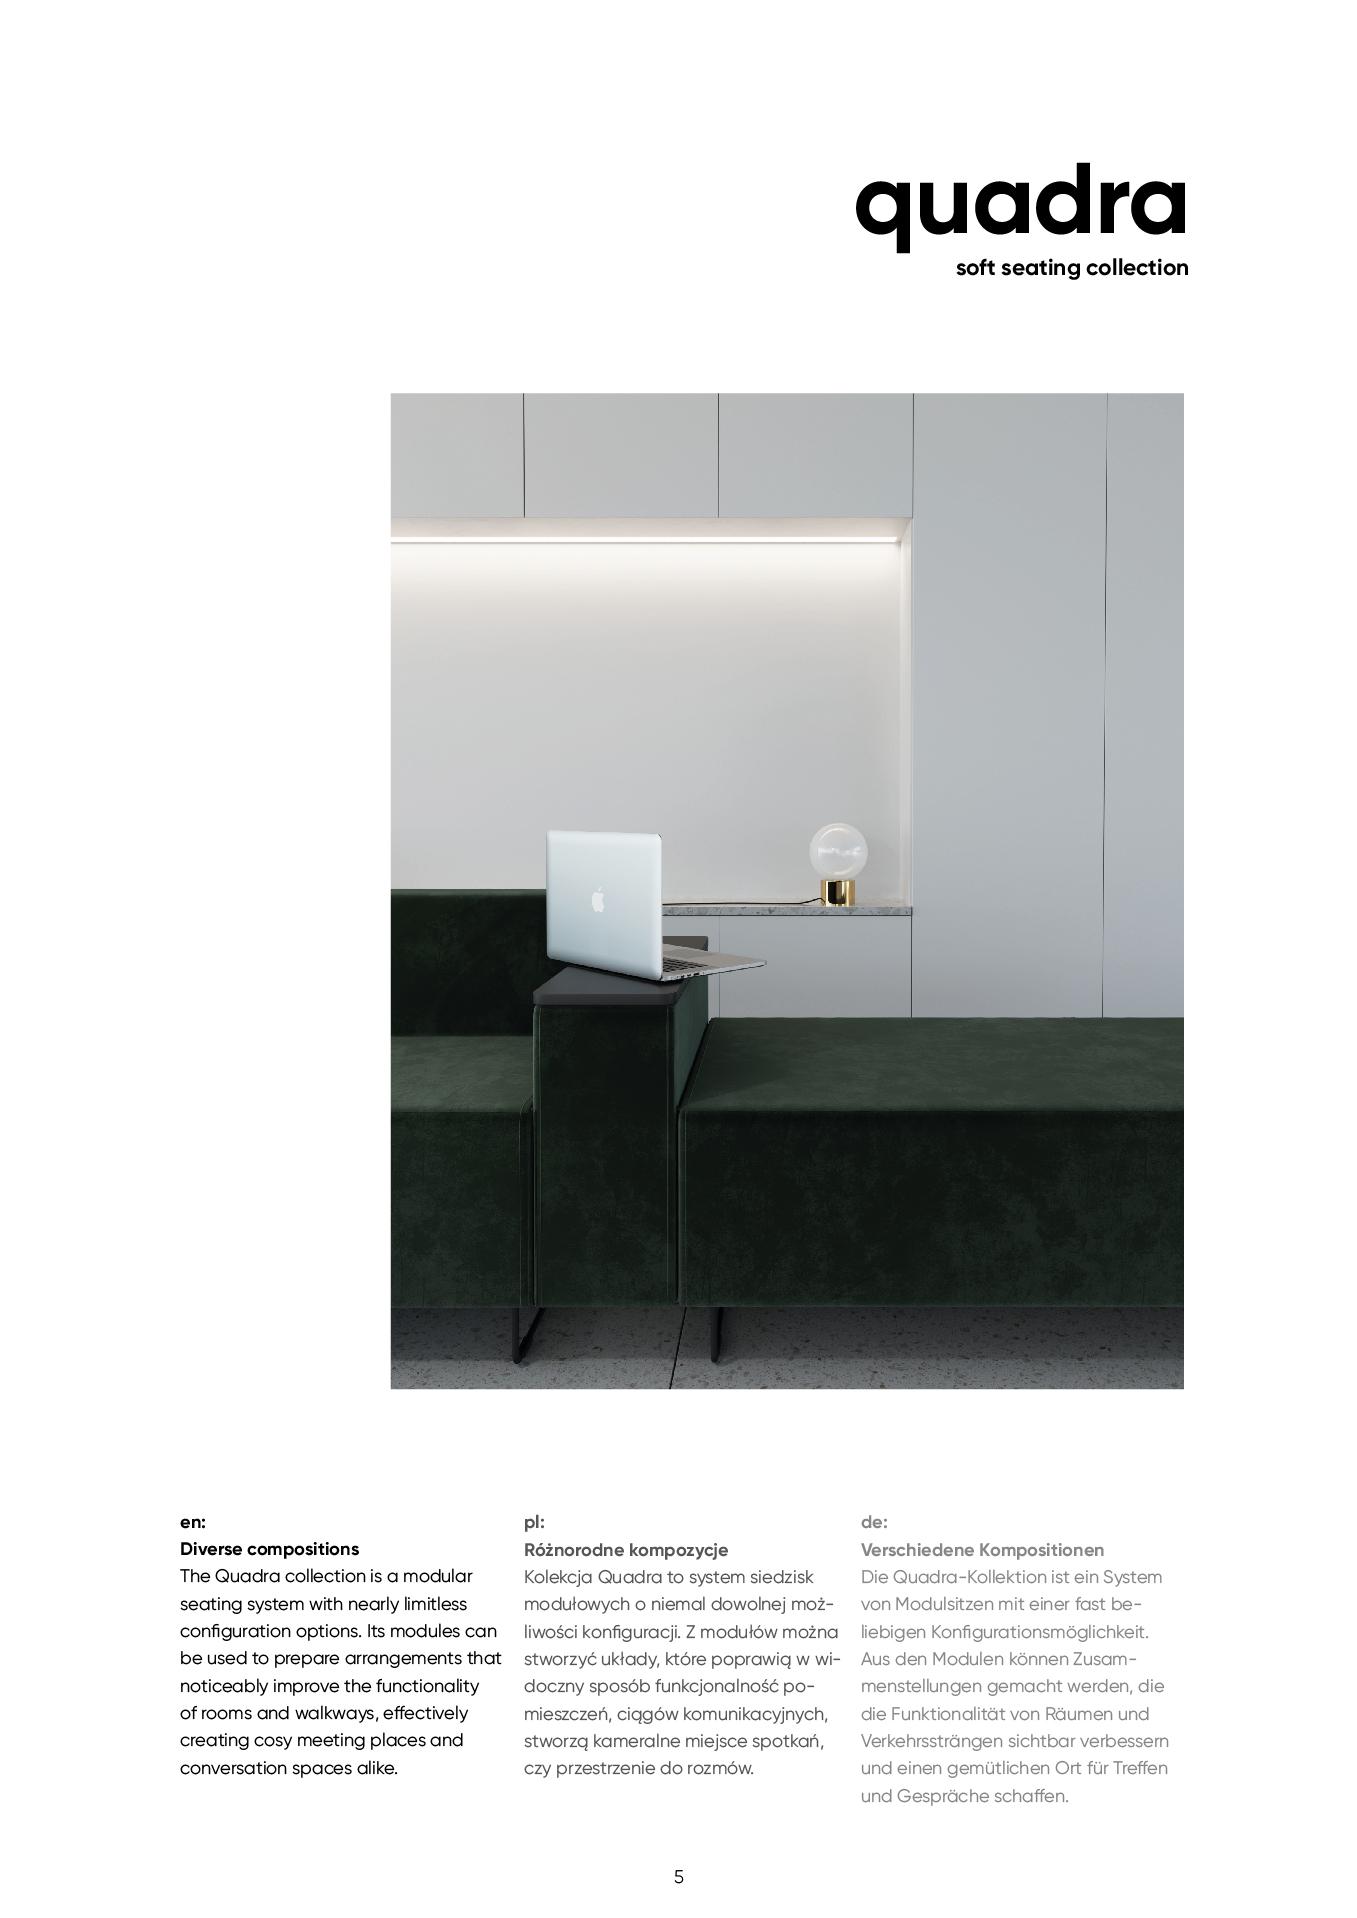 katalog-quadra-05.jpg